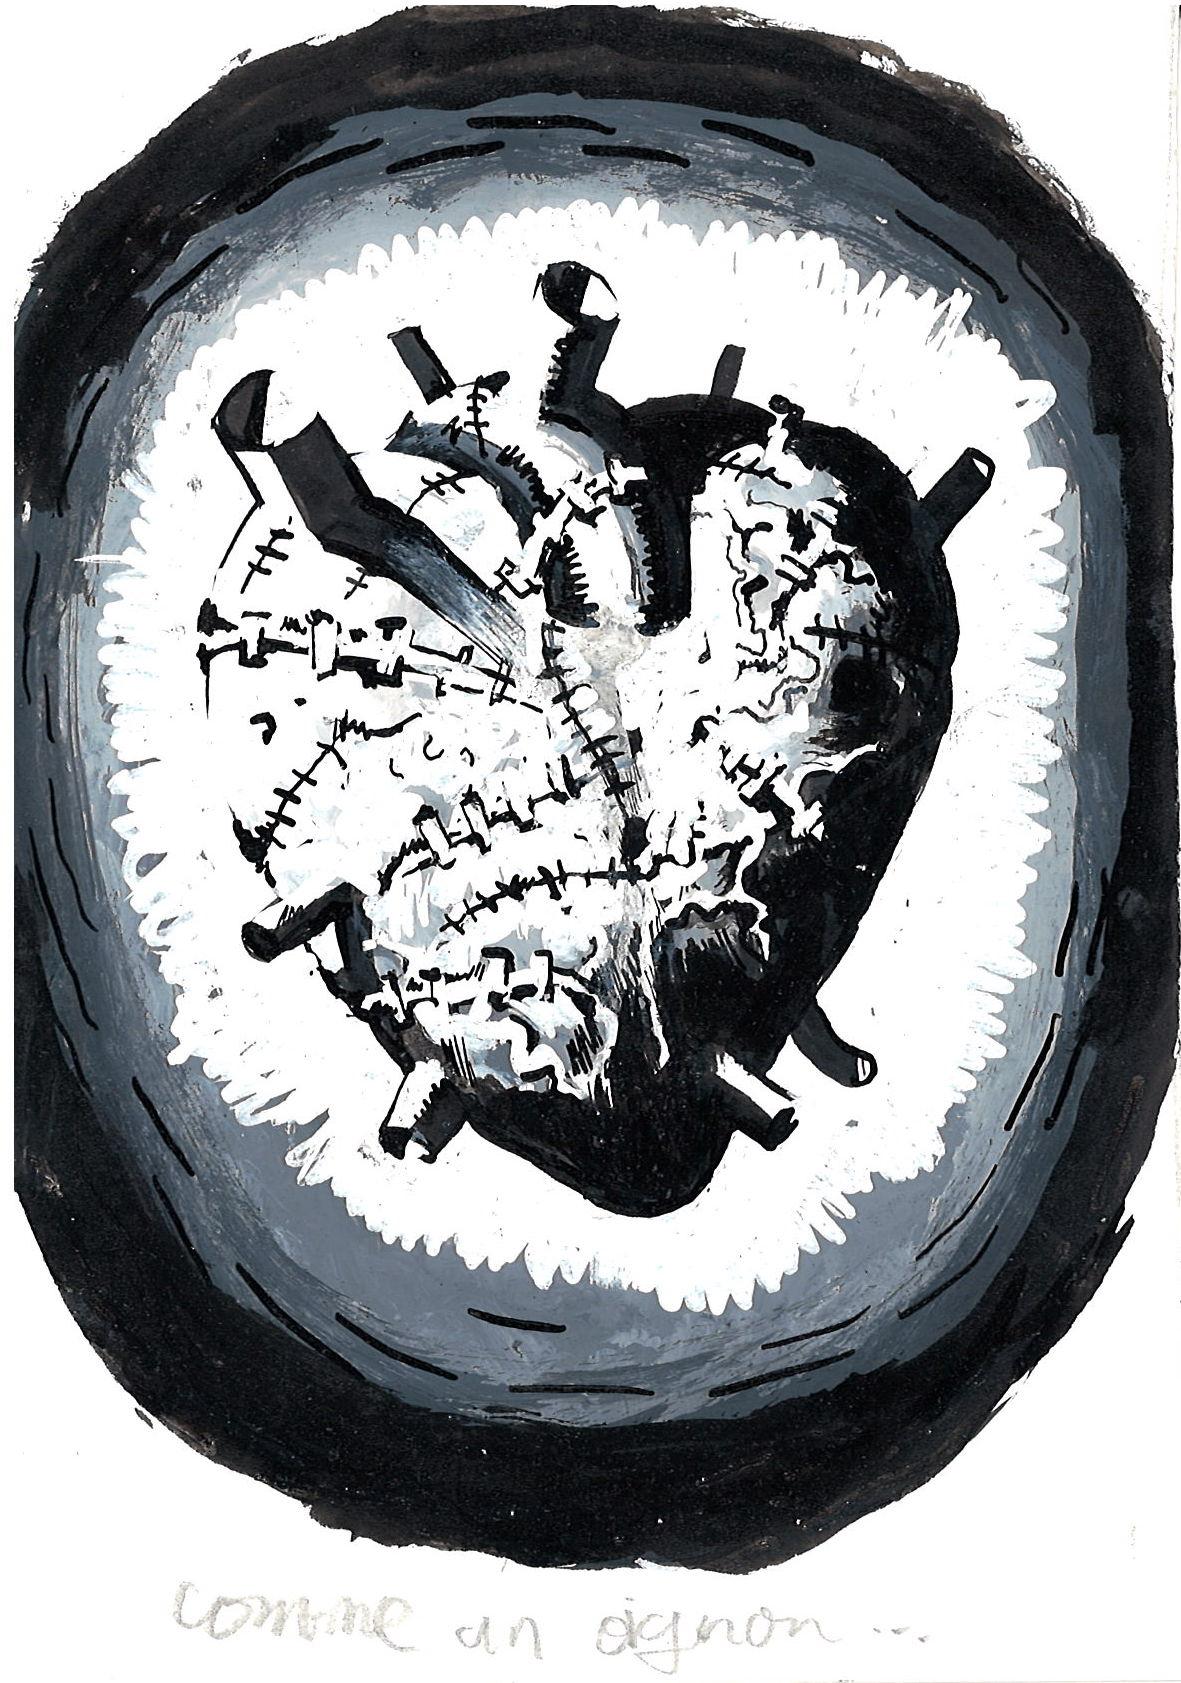 coeurs, musée de la vie romantique, romantisme, art contemporain, médecine, symbole, amour, gothique, kitsch